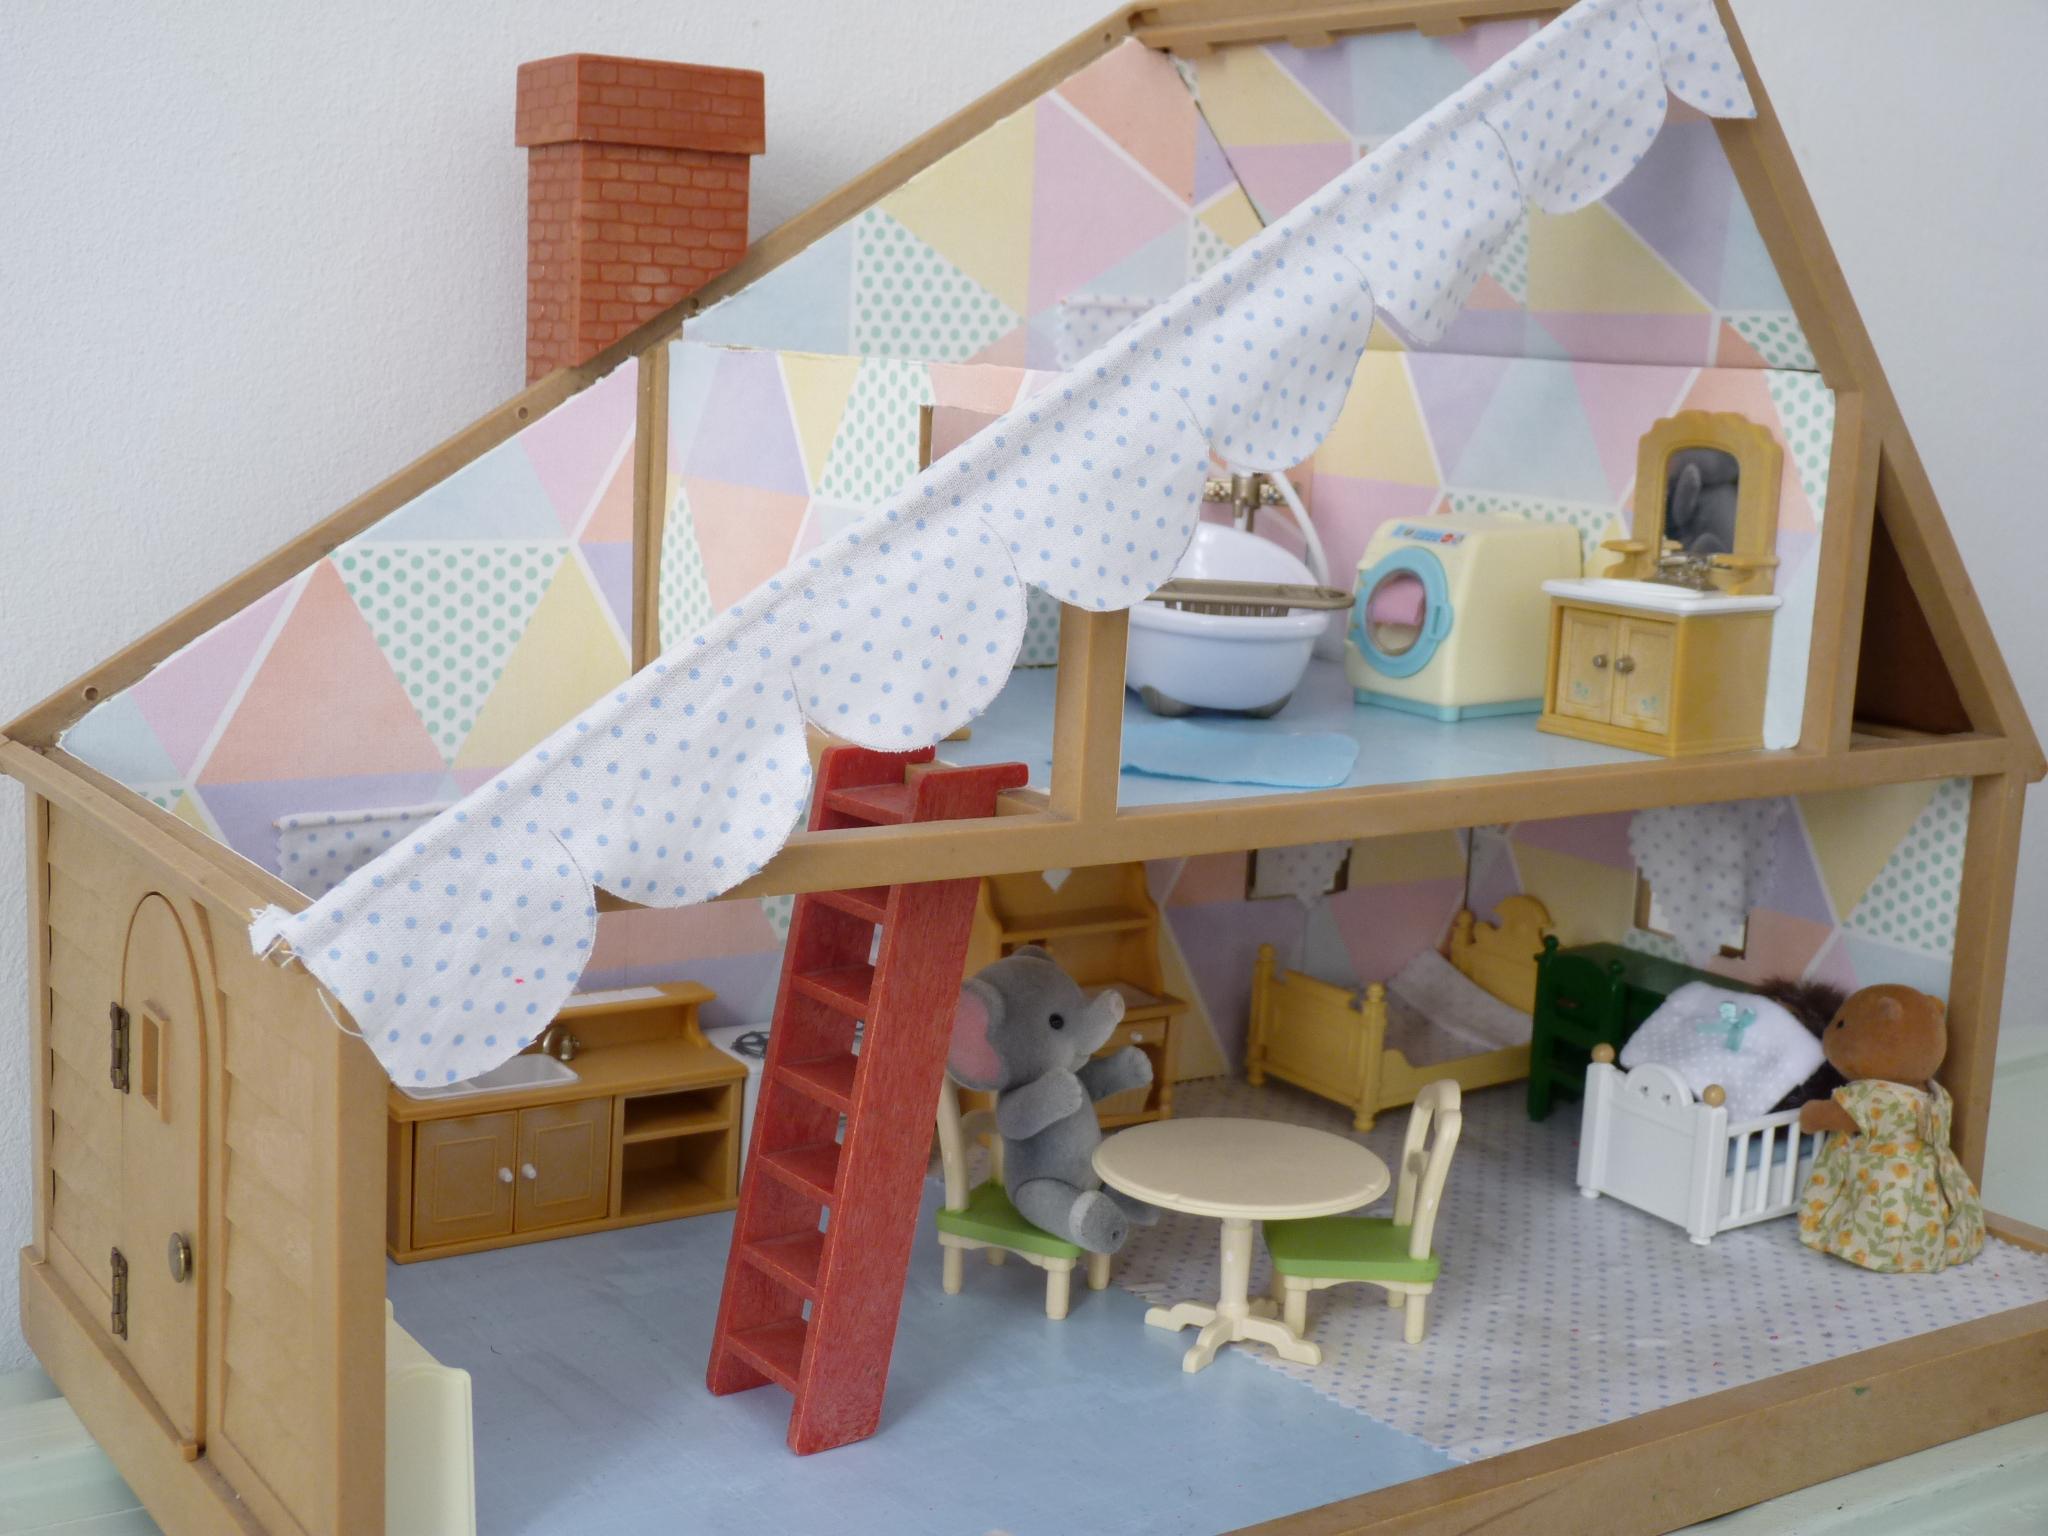 Использование остатков обоев для кукольного домика